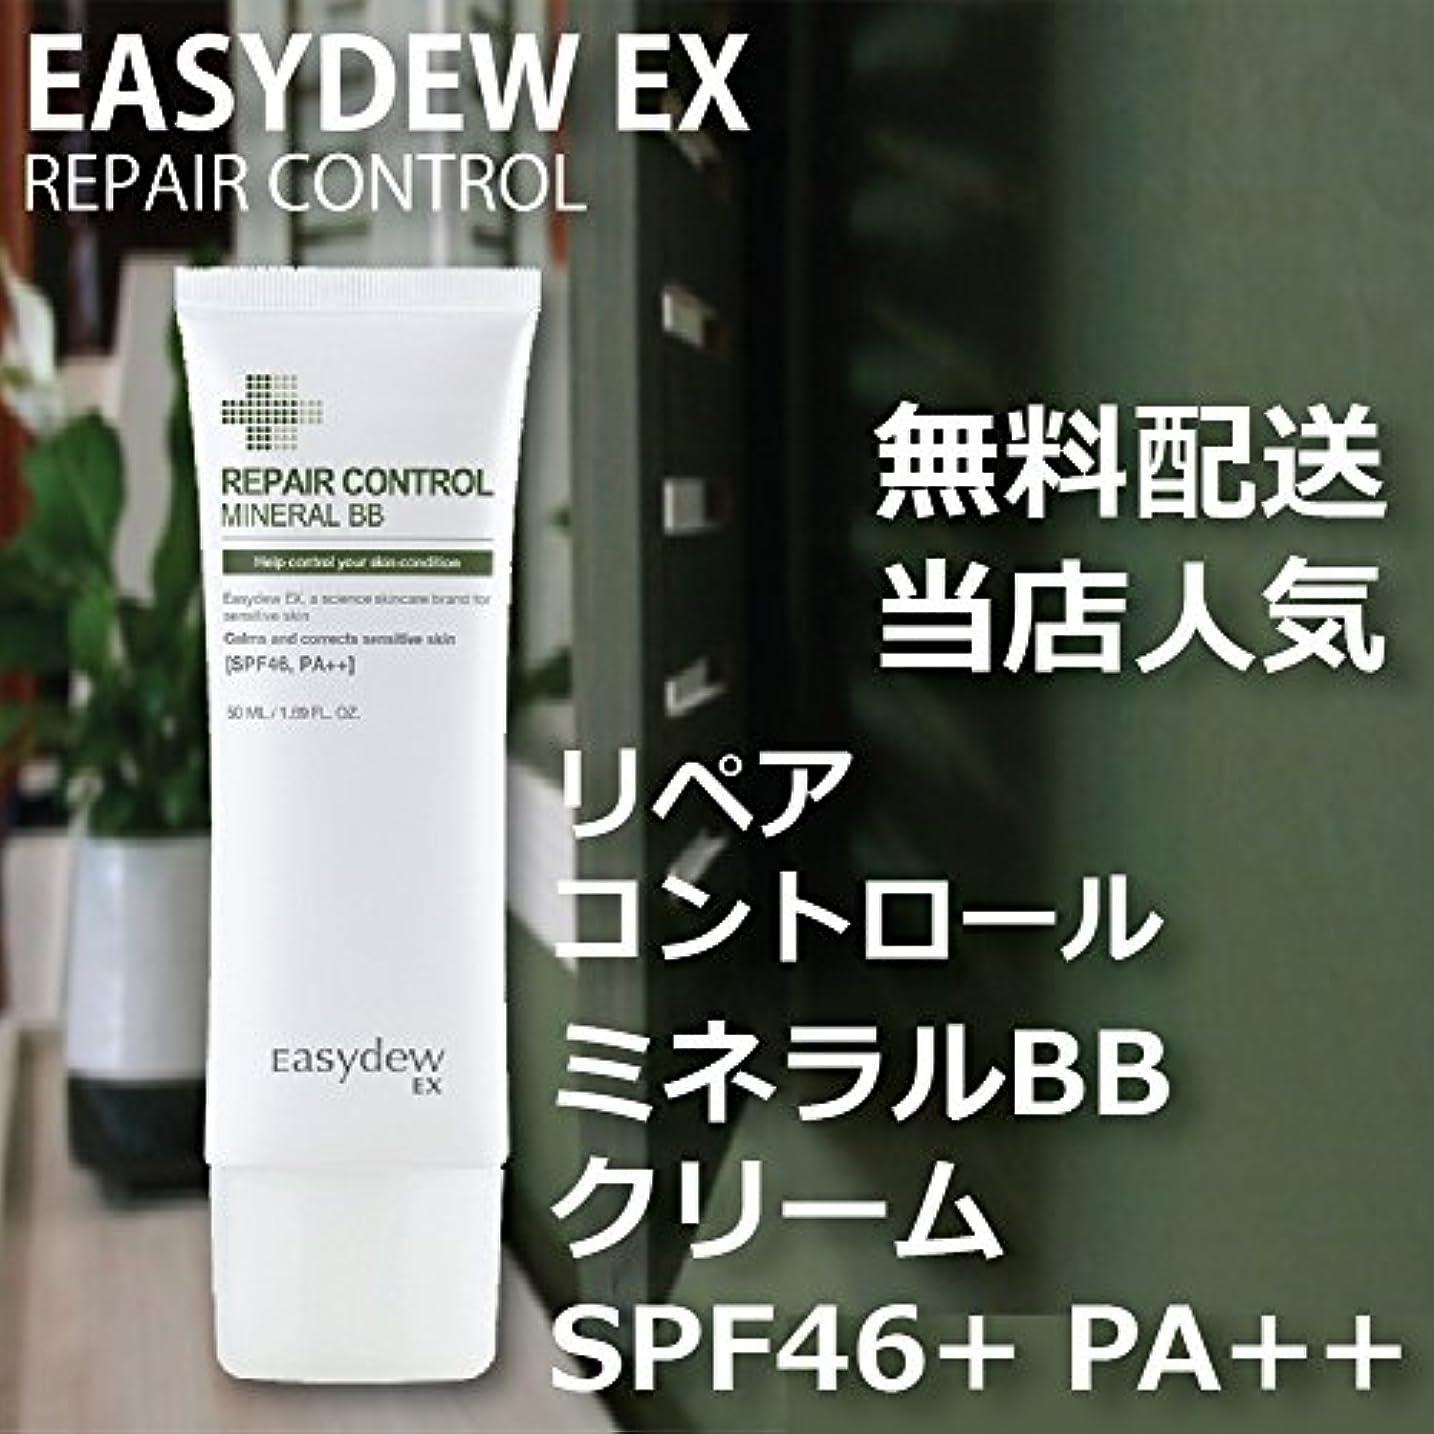 トンネル文化後継EASY DEW EX ミネラル BBクリーム SPF46+ PA++ 50ml MINRAL BB CREAM 韓国 人気 コスメ イージーデュー 敏感 乾燥 美白 しわ 3重機能性